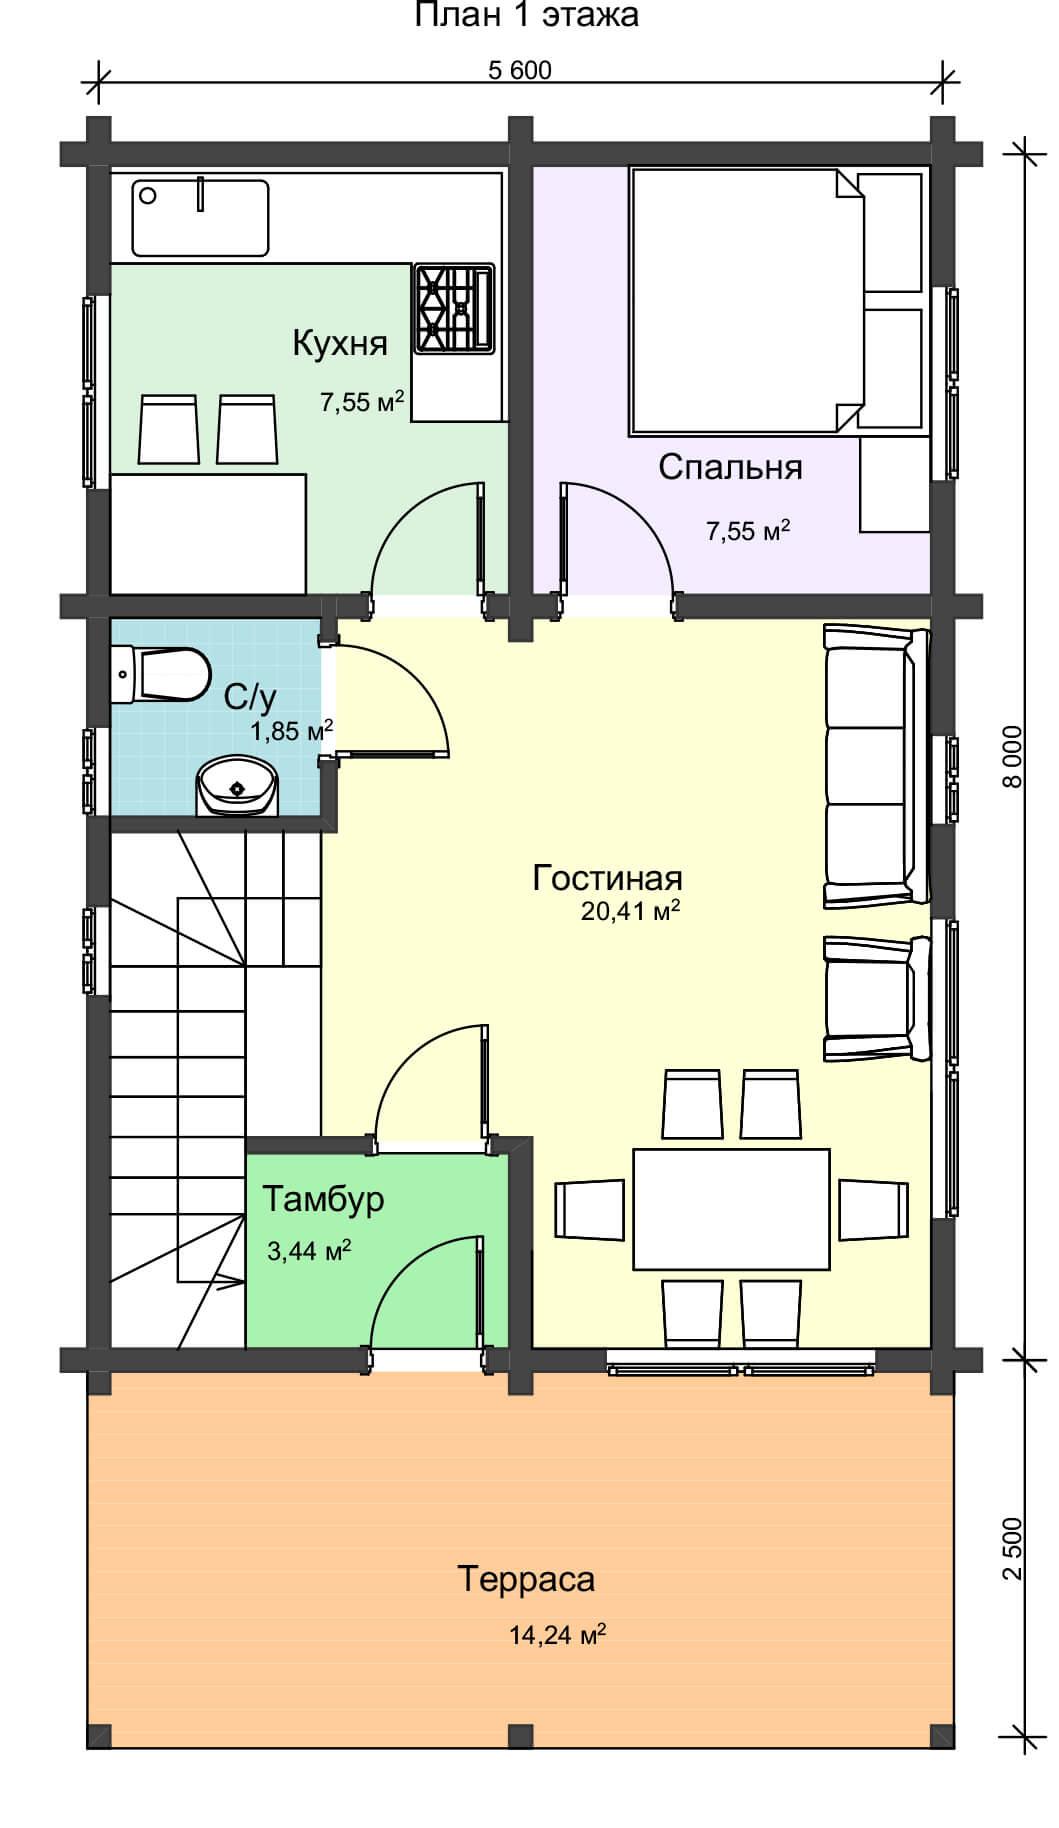 План первого этажа двужэтажного дома из клееного бруса НД 1-5